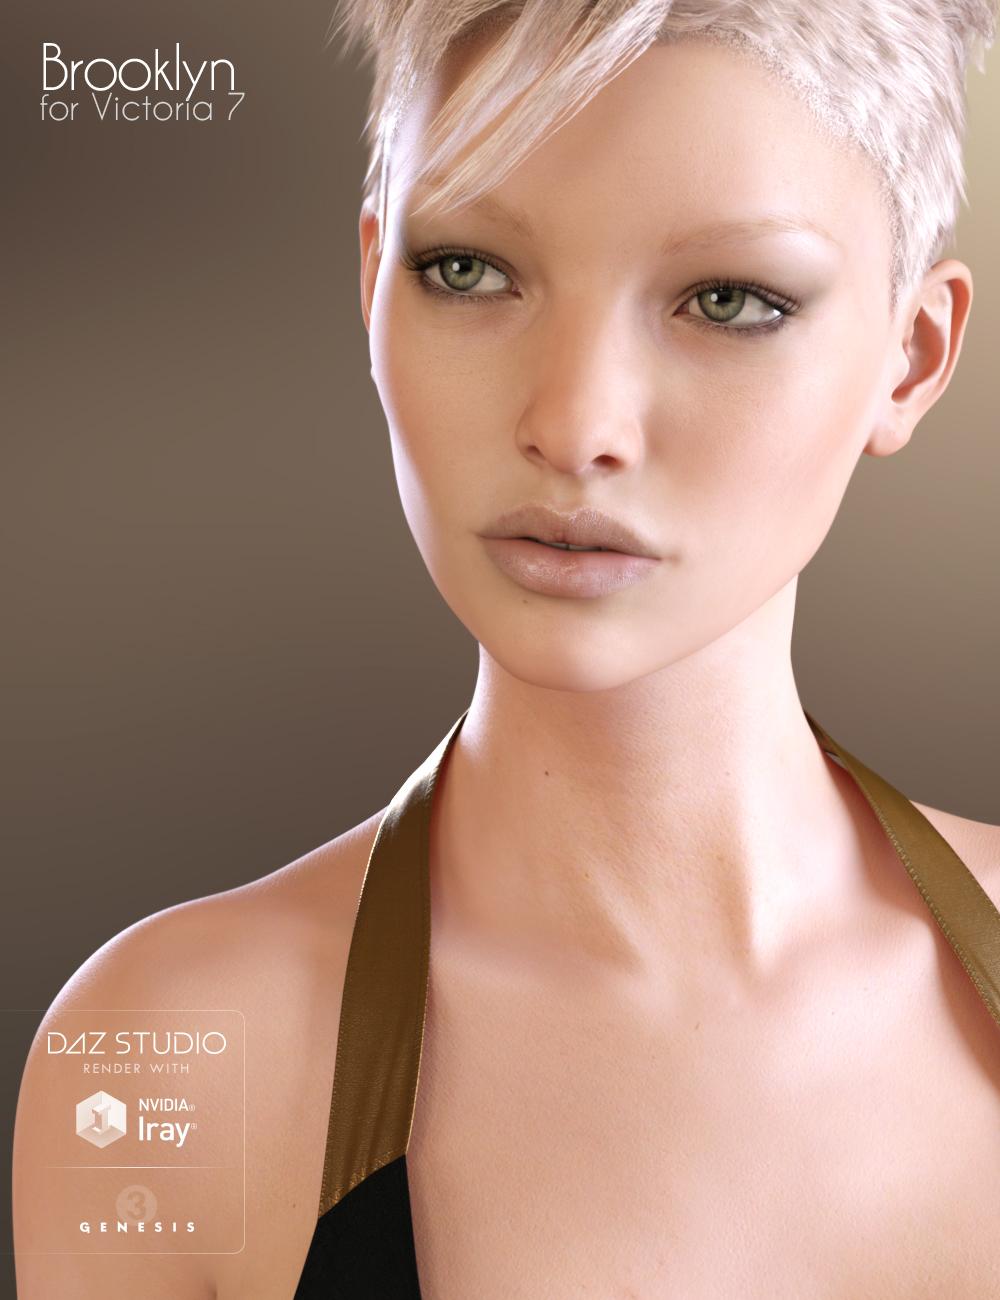 Brooklyn HD for Victoria 7 by: Raiya, 3D Models by Daz 3D